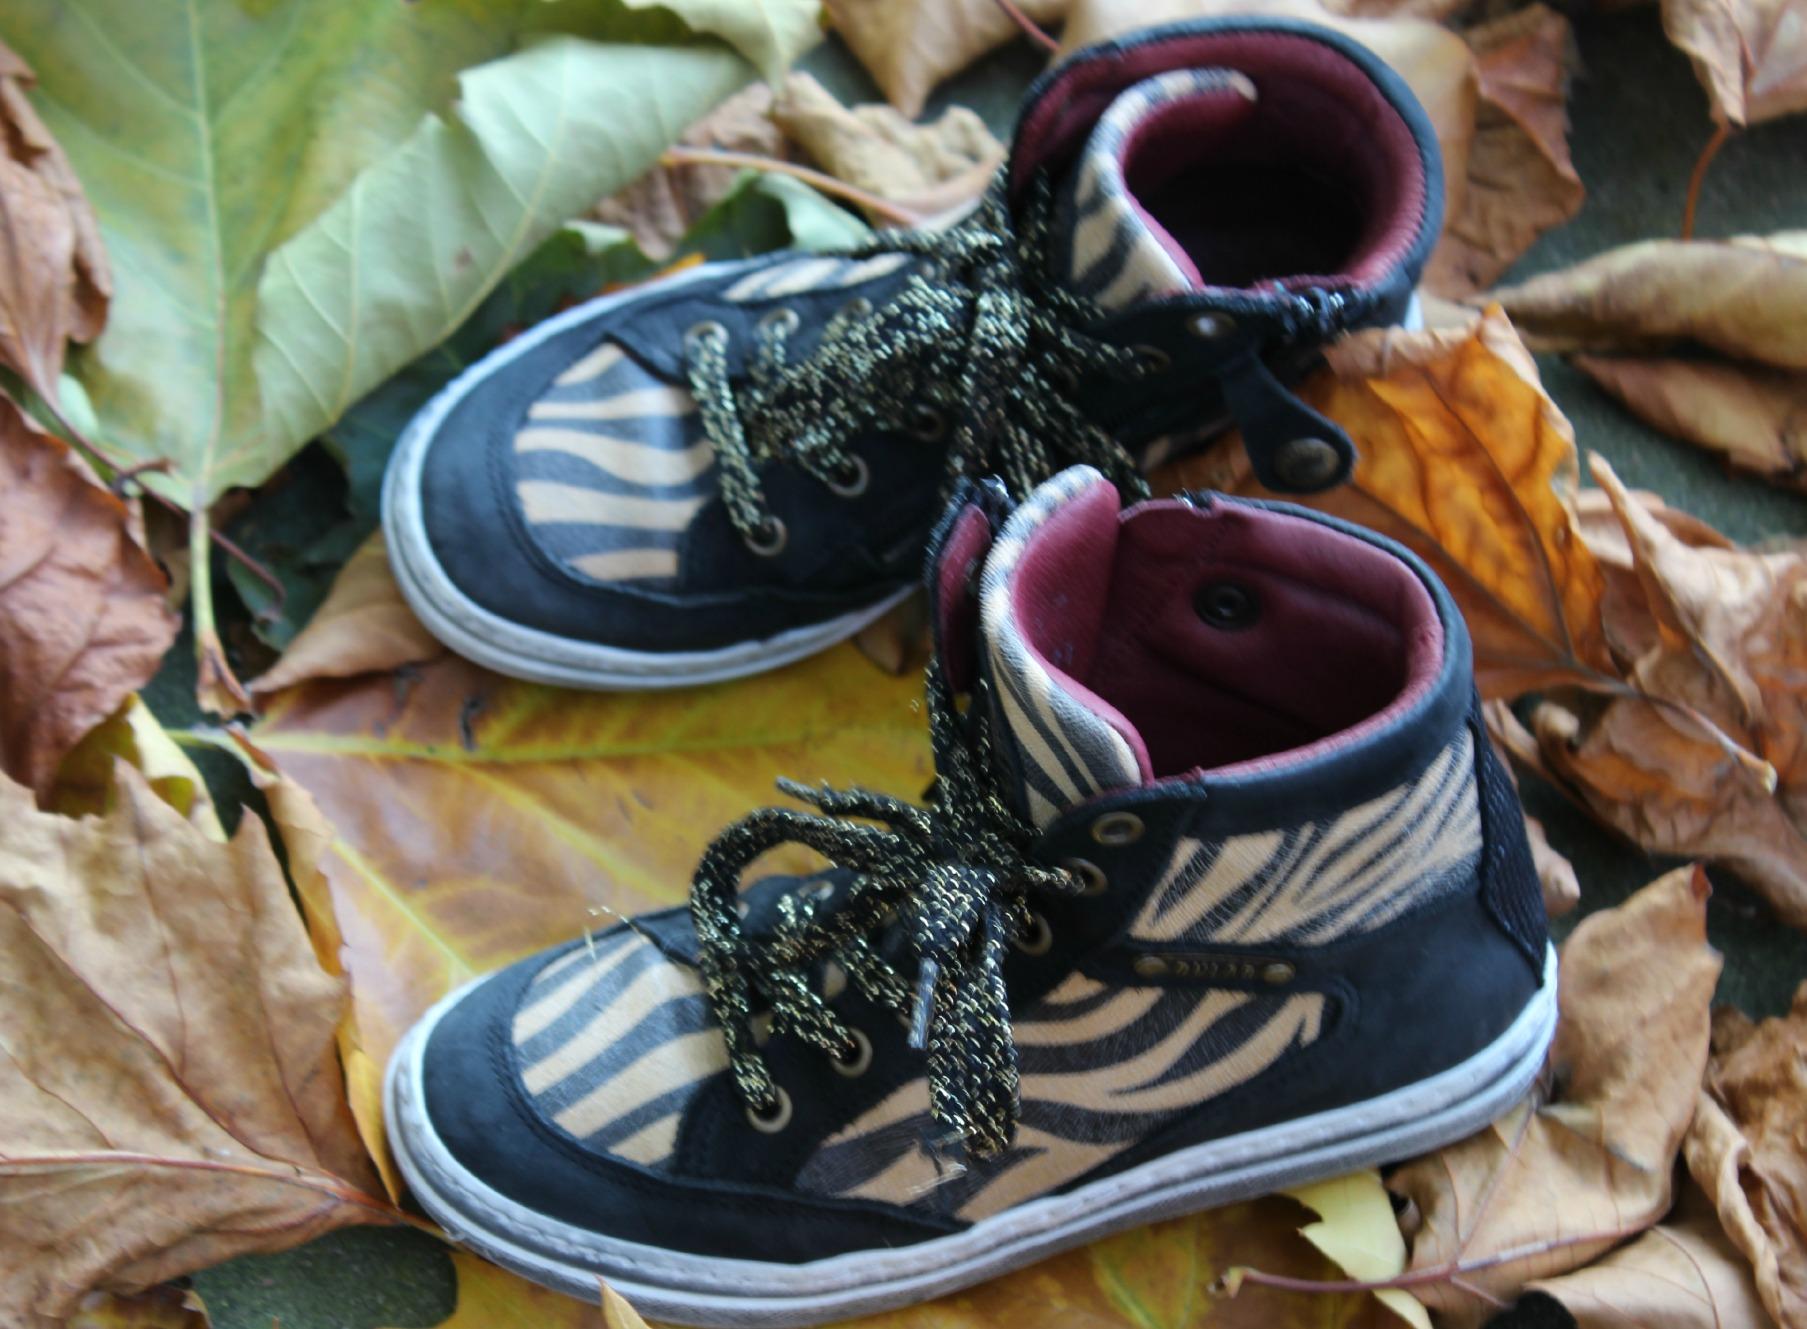 Develab winterschoenen- kinderschoenen-GoodGirlsCompany-waar let je op bij het kopen van kinderschoenen